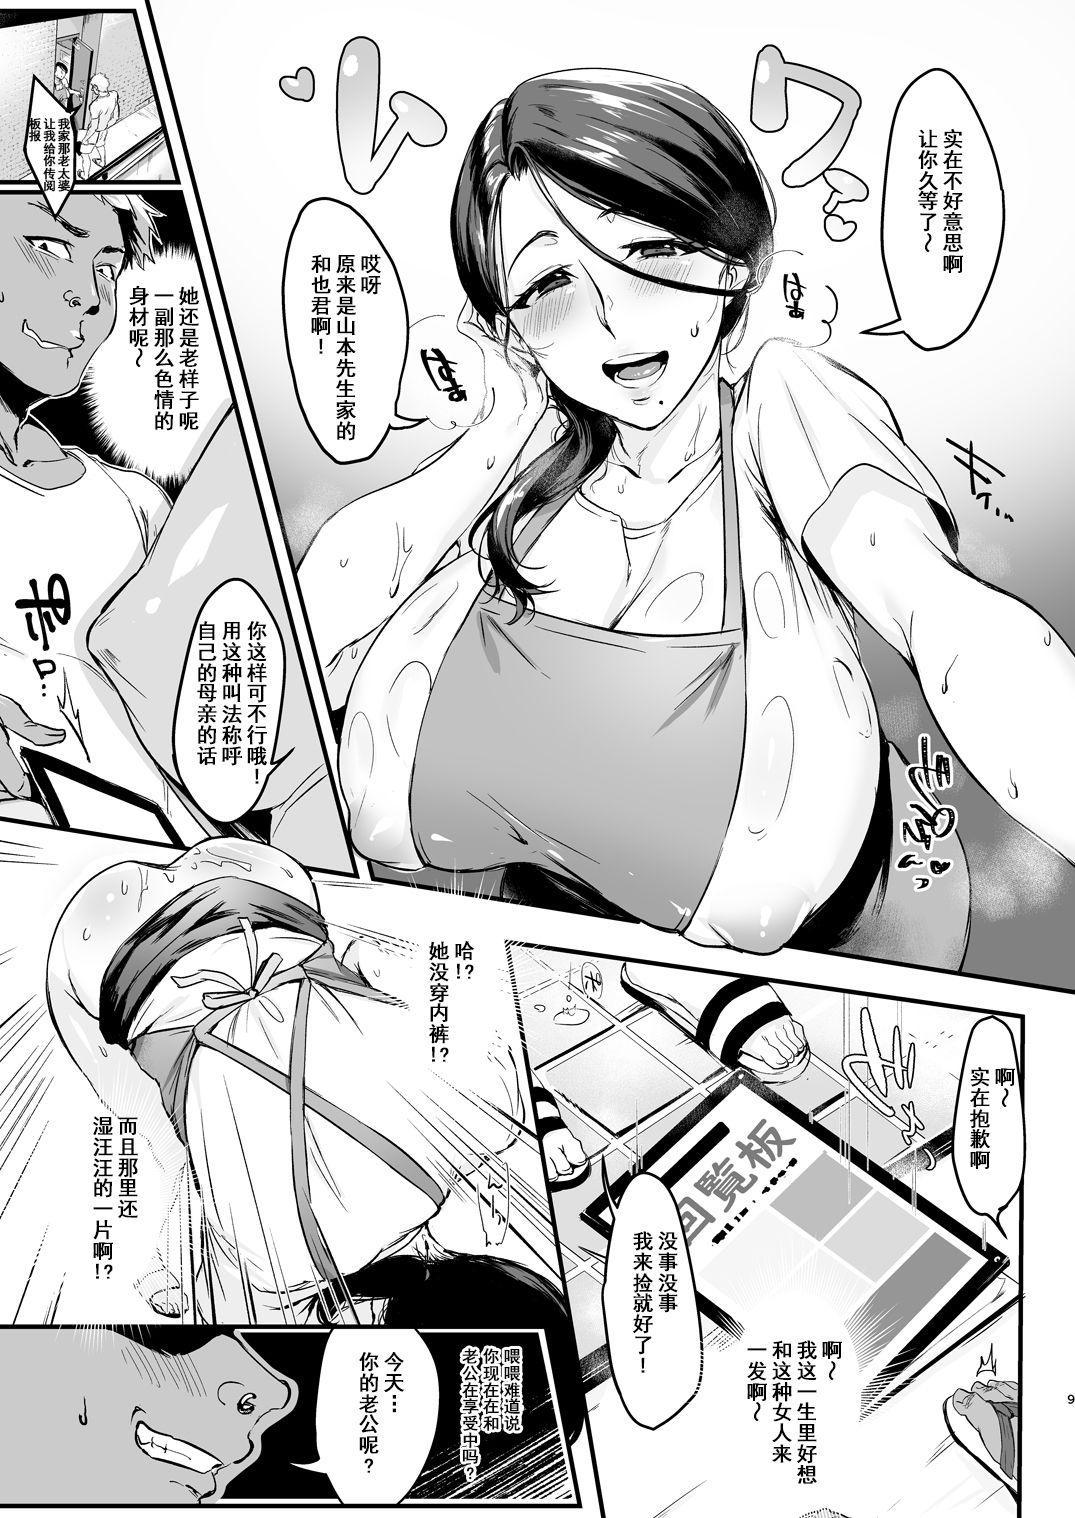 Tsuma ni Damatte Sokubaikai ni Ikun ja Nakatta 1 8